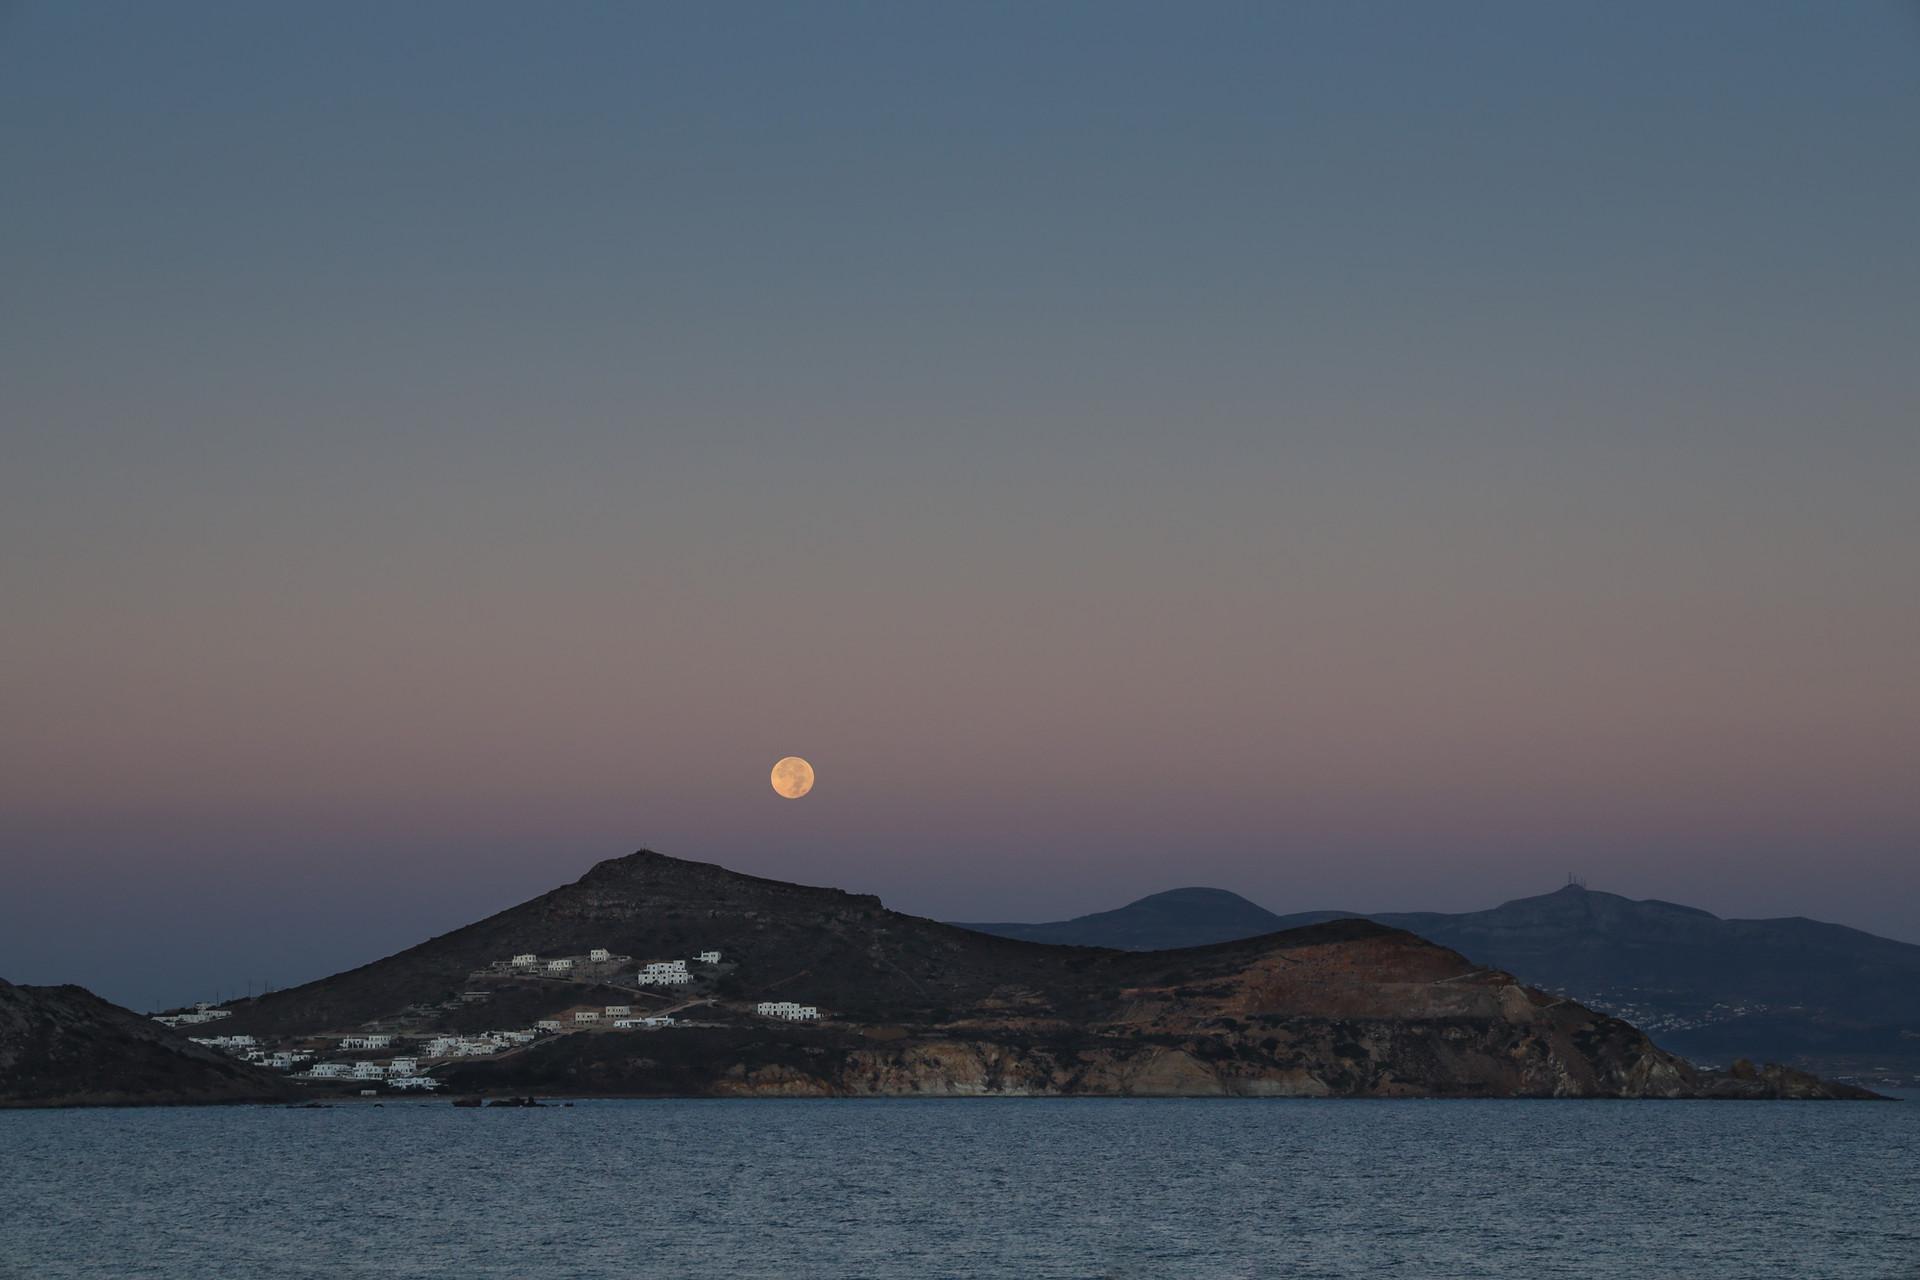 Pleine lune dans les Cyclades, Grèce